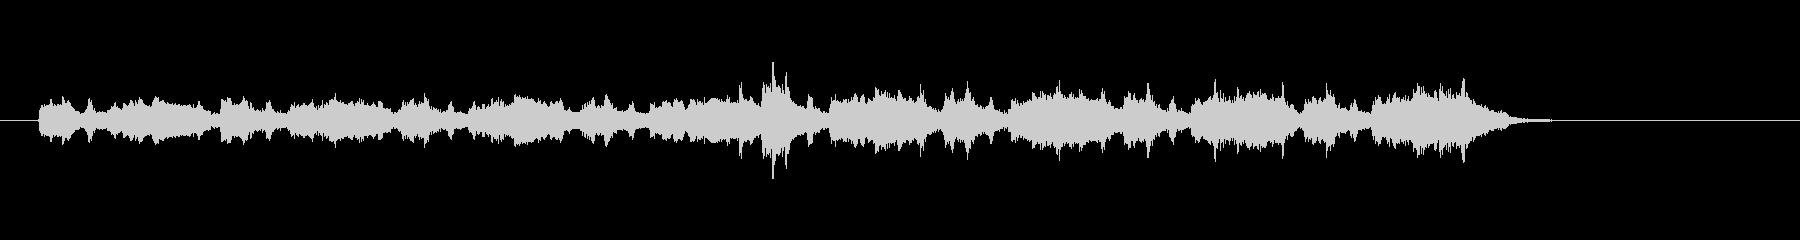 マイナー調バロック音楽風の未再生の波形